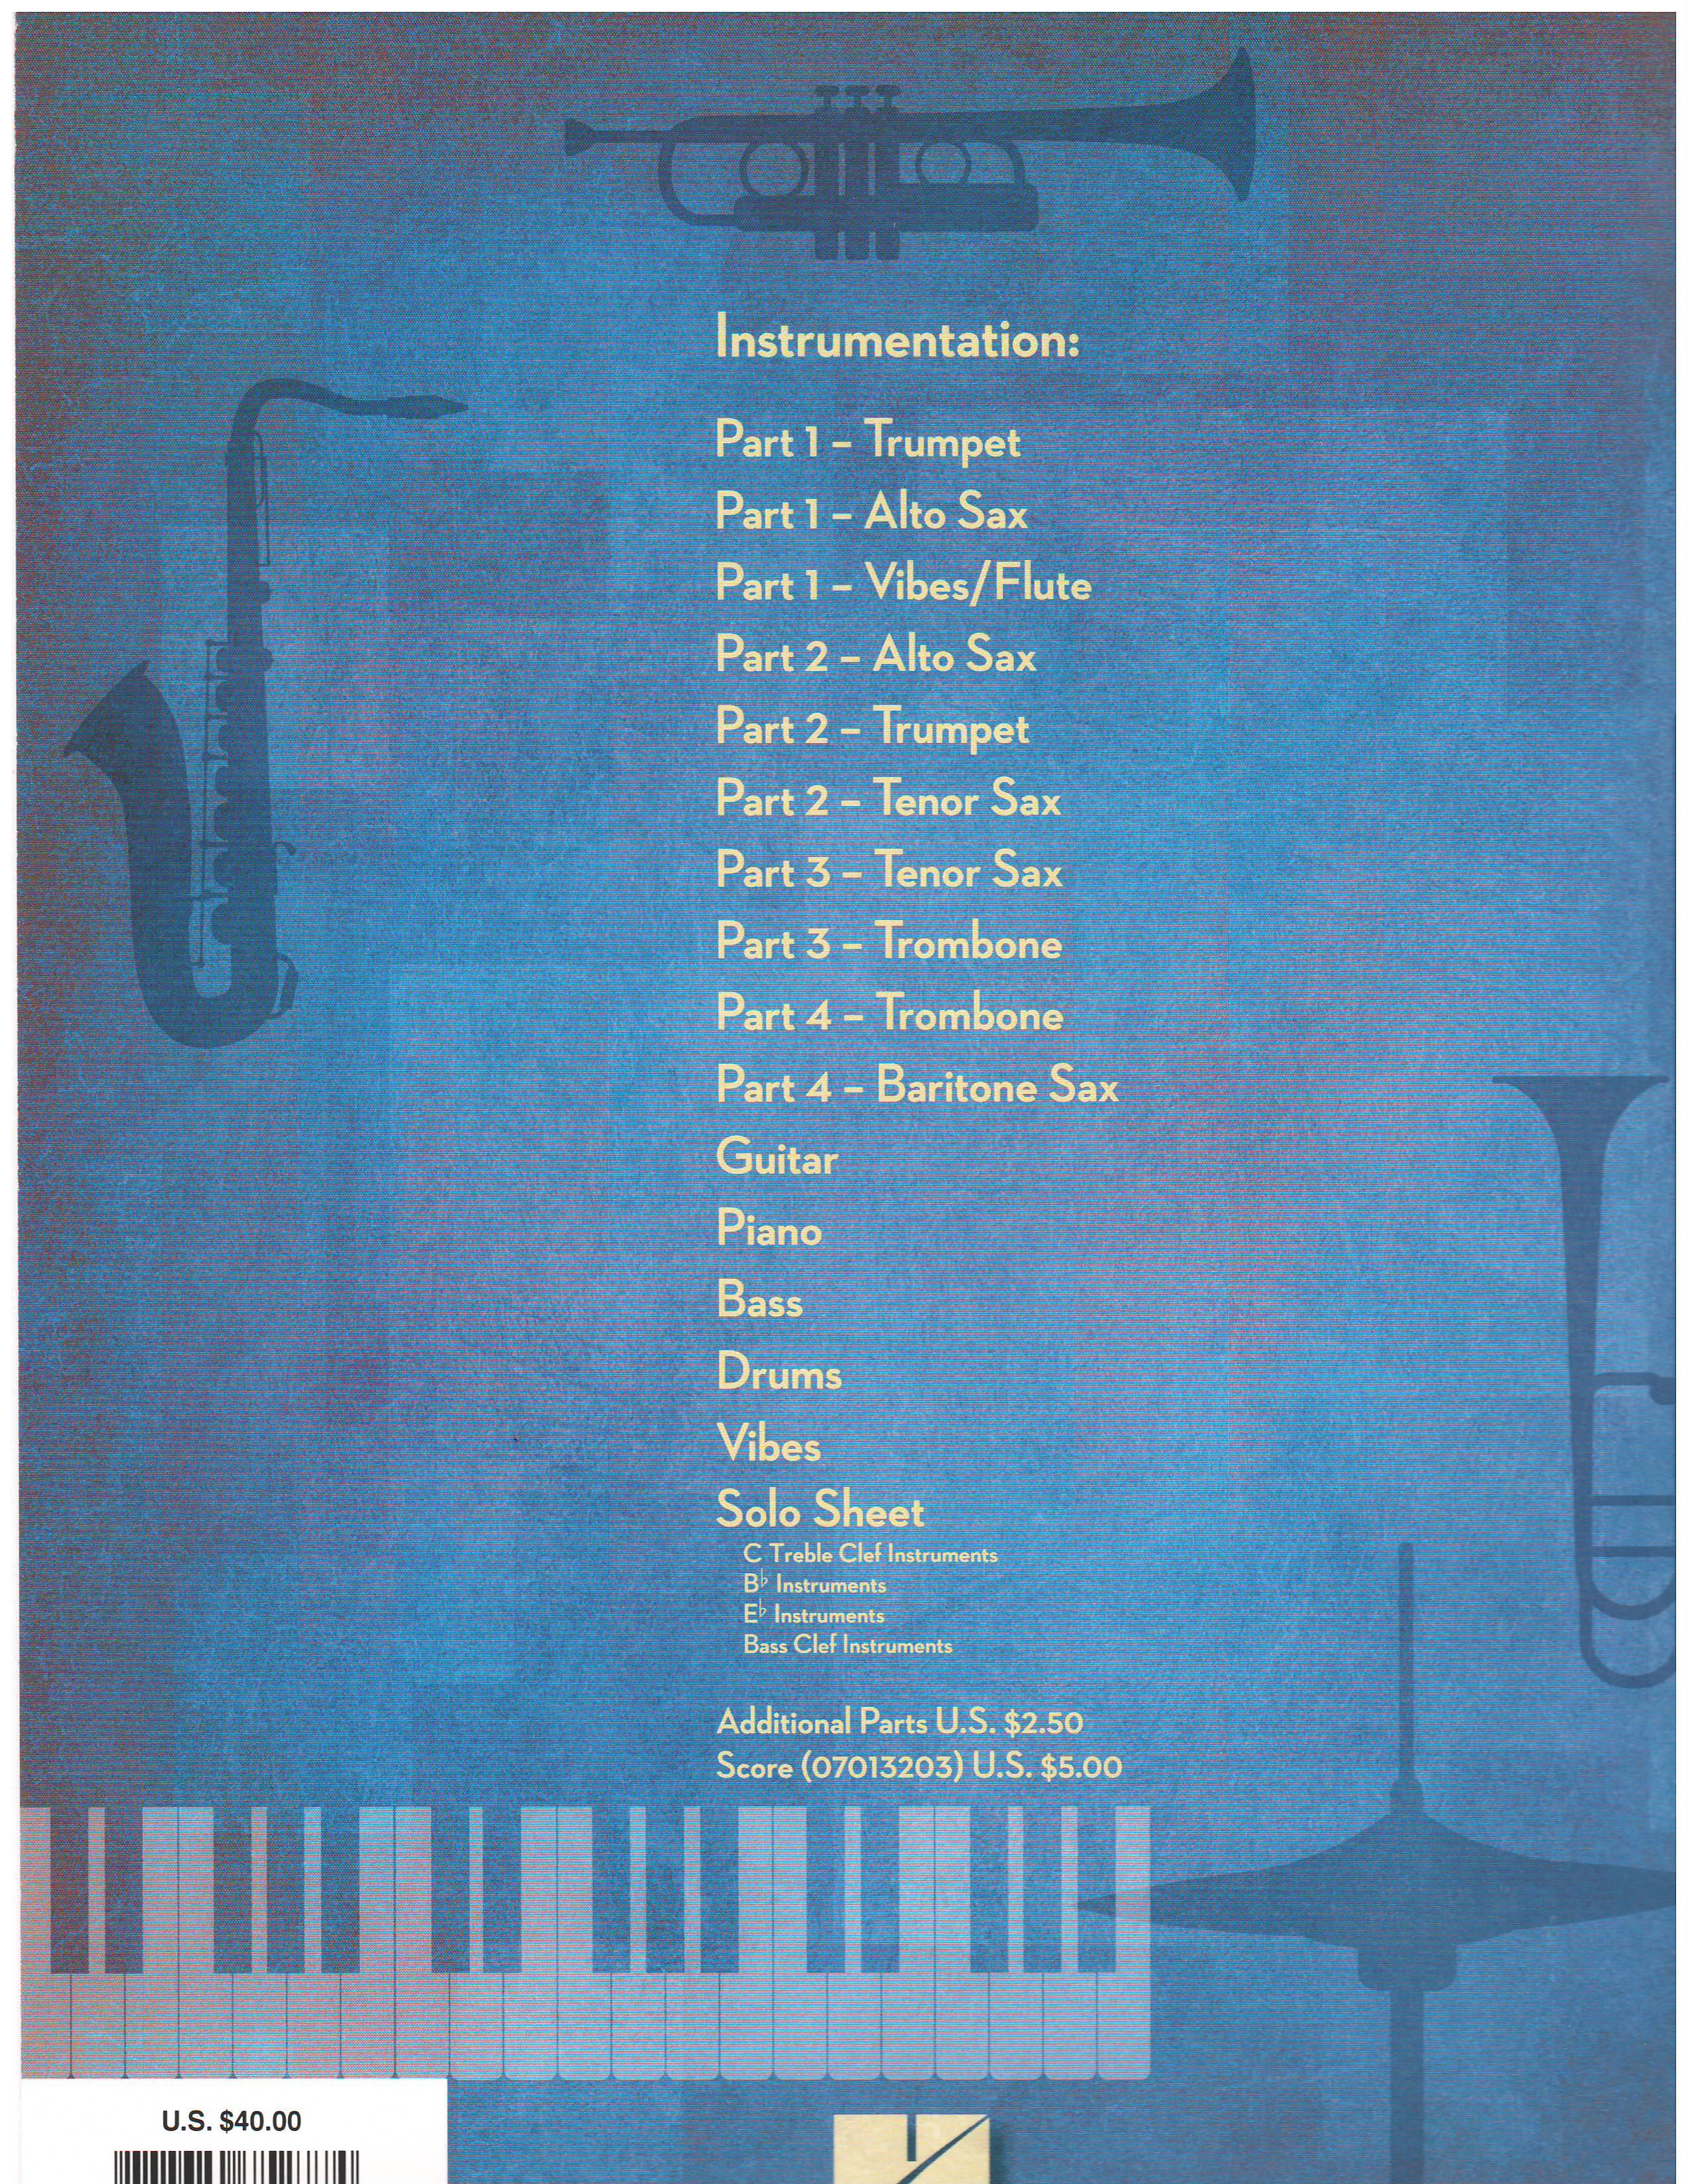 TENOR MADNESS - 4 Horn Combo, Jazz Combo / Small Ensembles